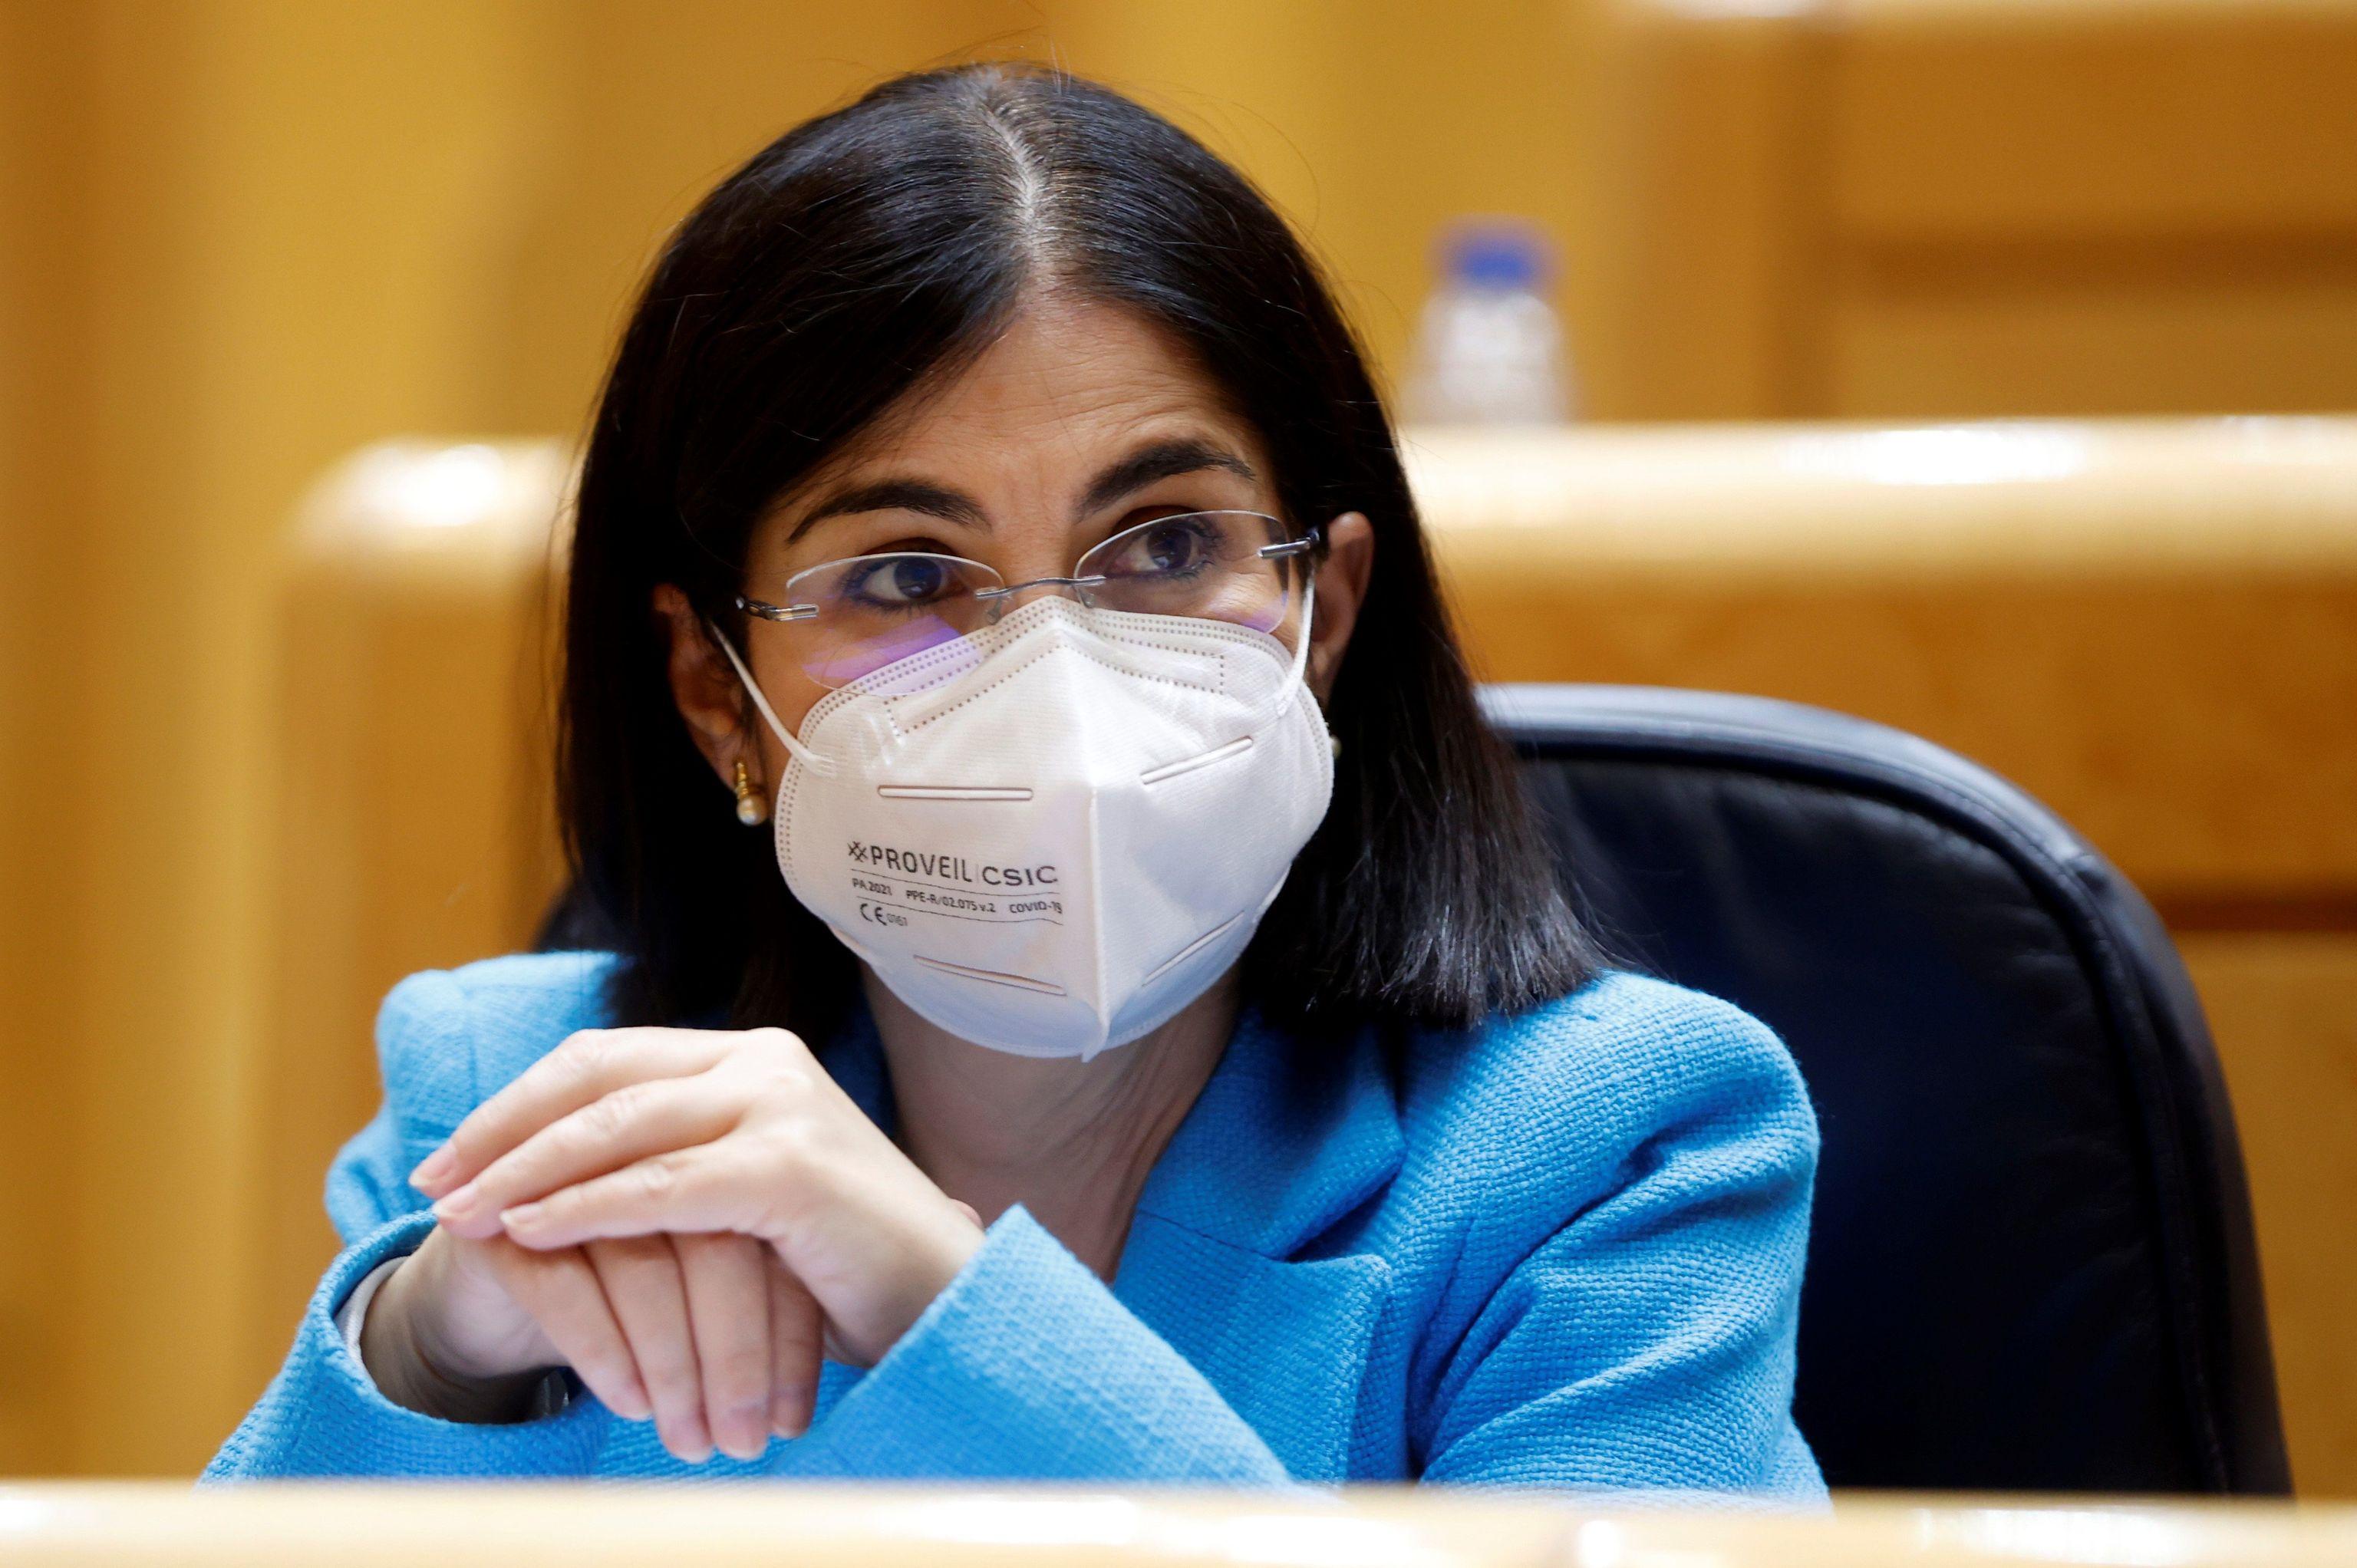 La ministra de Sanidad, Carolina Darias, durante la sesión de control al Gobierno celebrada este martes en el Senado.